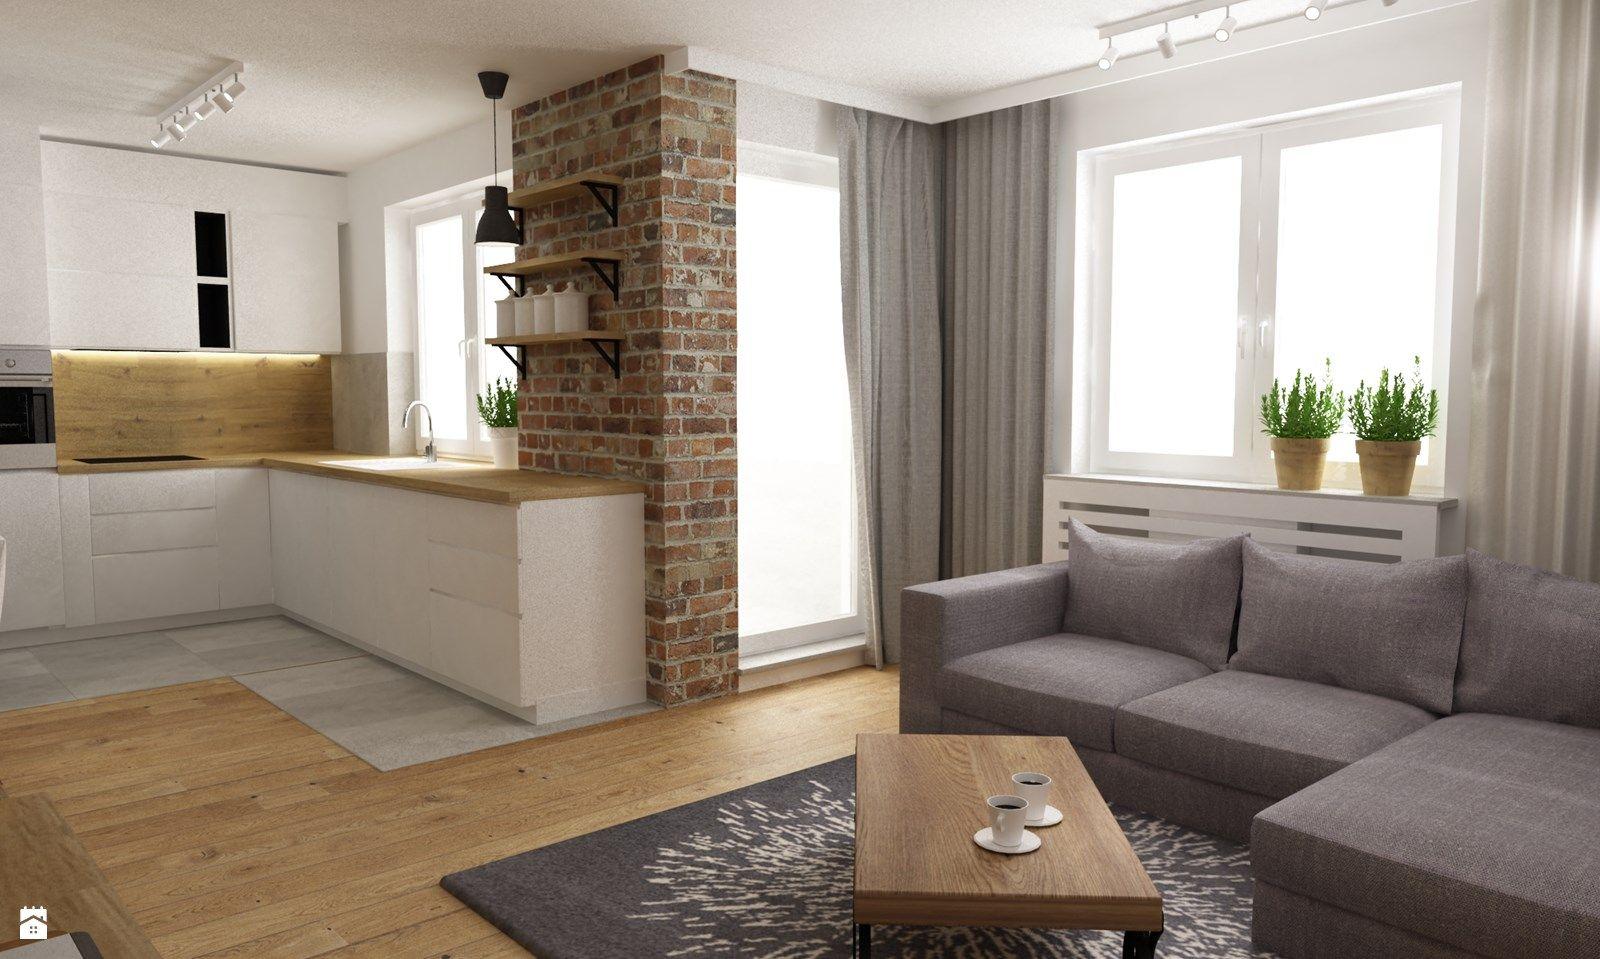 Wystroj Wnetrz Salon Styl Skandynawski Projekty I Aranzacje Najlepszych Designerow Prawdziwe Inspiracje Dla Kazdeg My Home Design Small Living Rooms Home